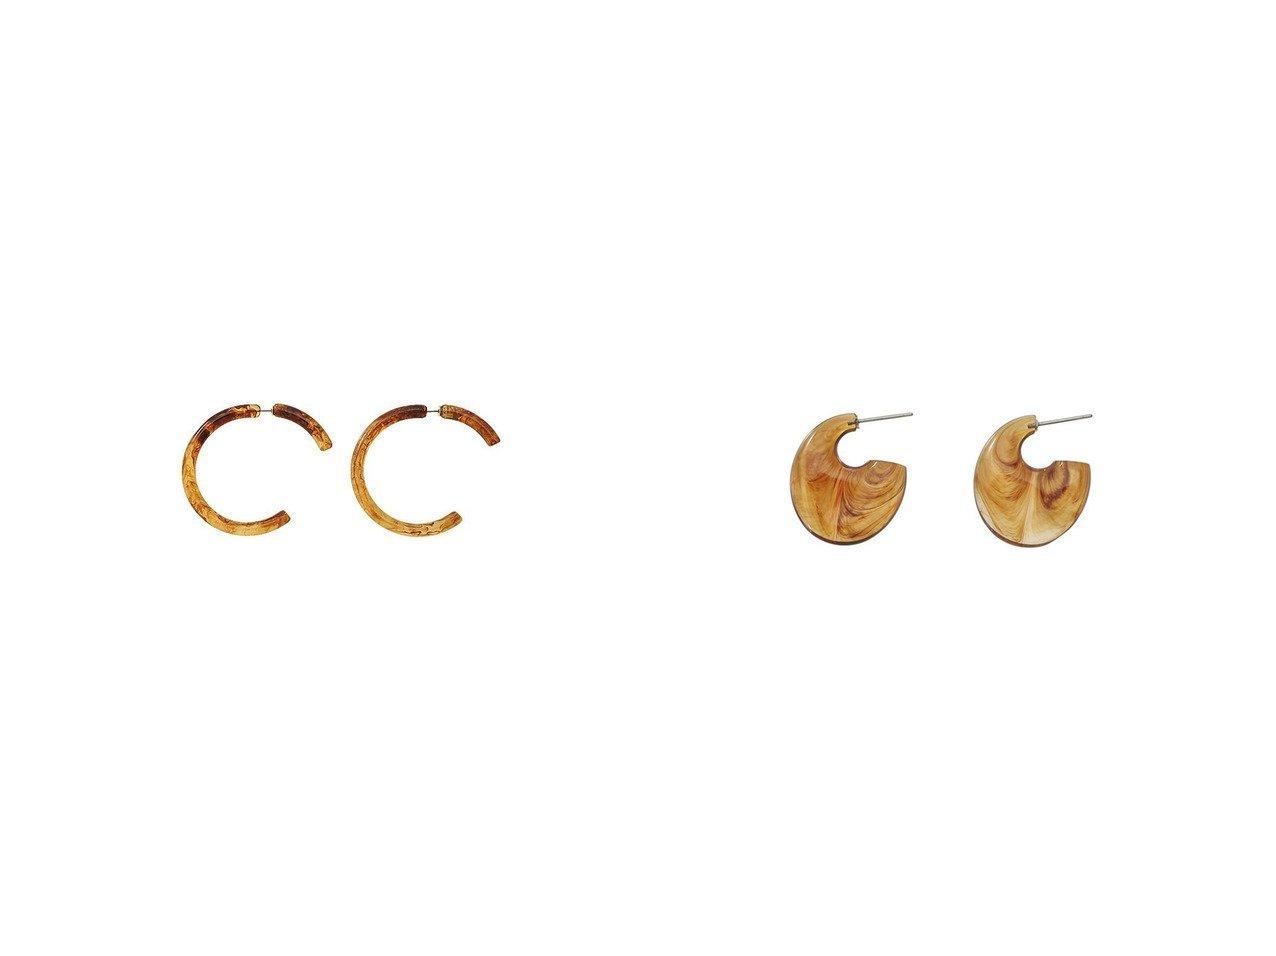 【JET/ジェット】の【JET LOSANGELES】フープモチーフピアス&【JET LOSANGELES】ビッグモチーフフープピアス 【アクセサリー・ジュエリー】おすすめ!人気、トレンド・レディースファッションの通販 おすすめで人気の流行・トレンド、ファッションの通販商品 メンズファッション・キッズファッション・インテリア・家具・レディースファッション・服の通販 founy(ファニー) https://founy.com/ ファッション Fashion レディースファッション WOMEN 2021年 2021 2021春夏・S/S SS/Spring/Summer/2021 S/S・春夏 SS・Spring/Summer おすすめ Recommend ビッグ フープ モチーフ 春 Spring  ID:crp329100000028917